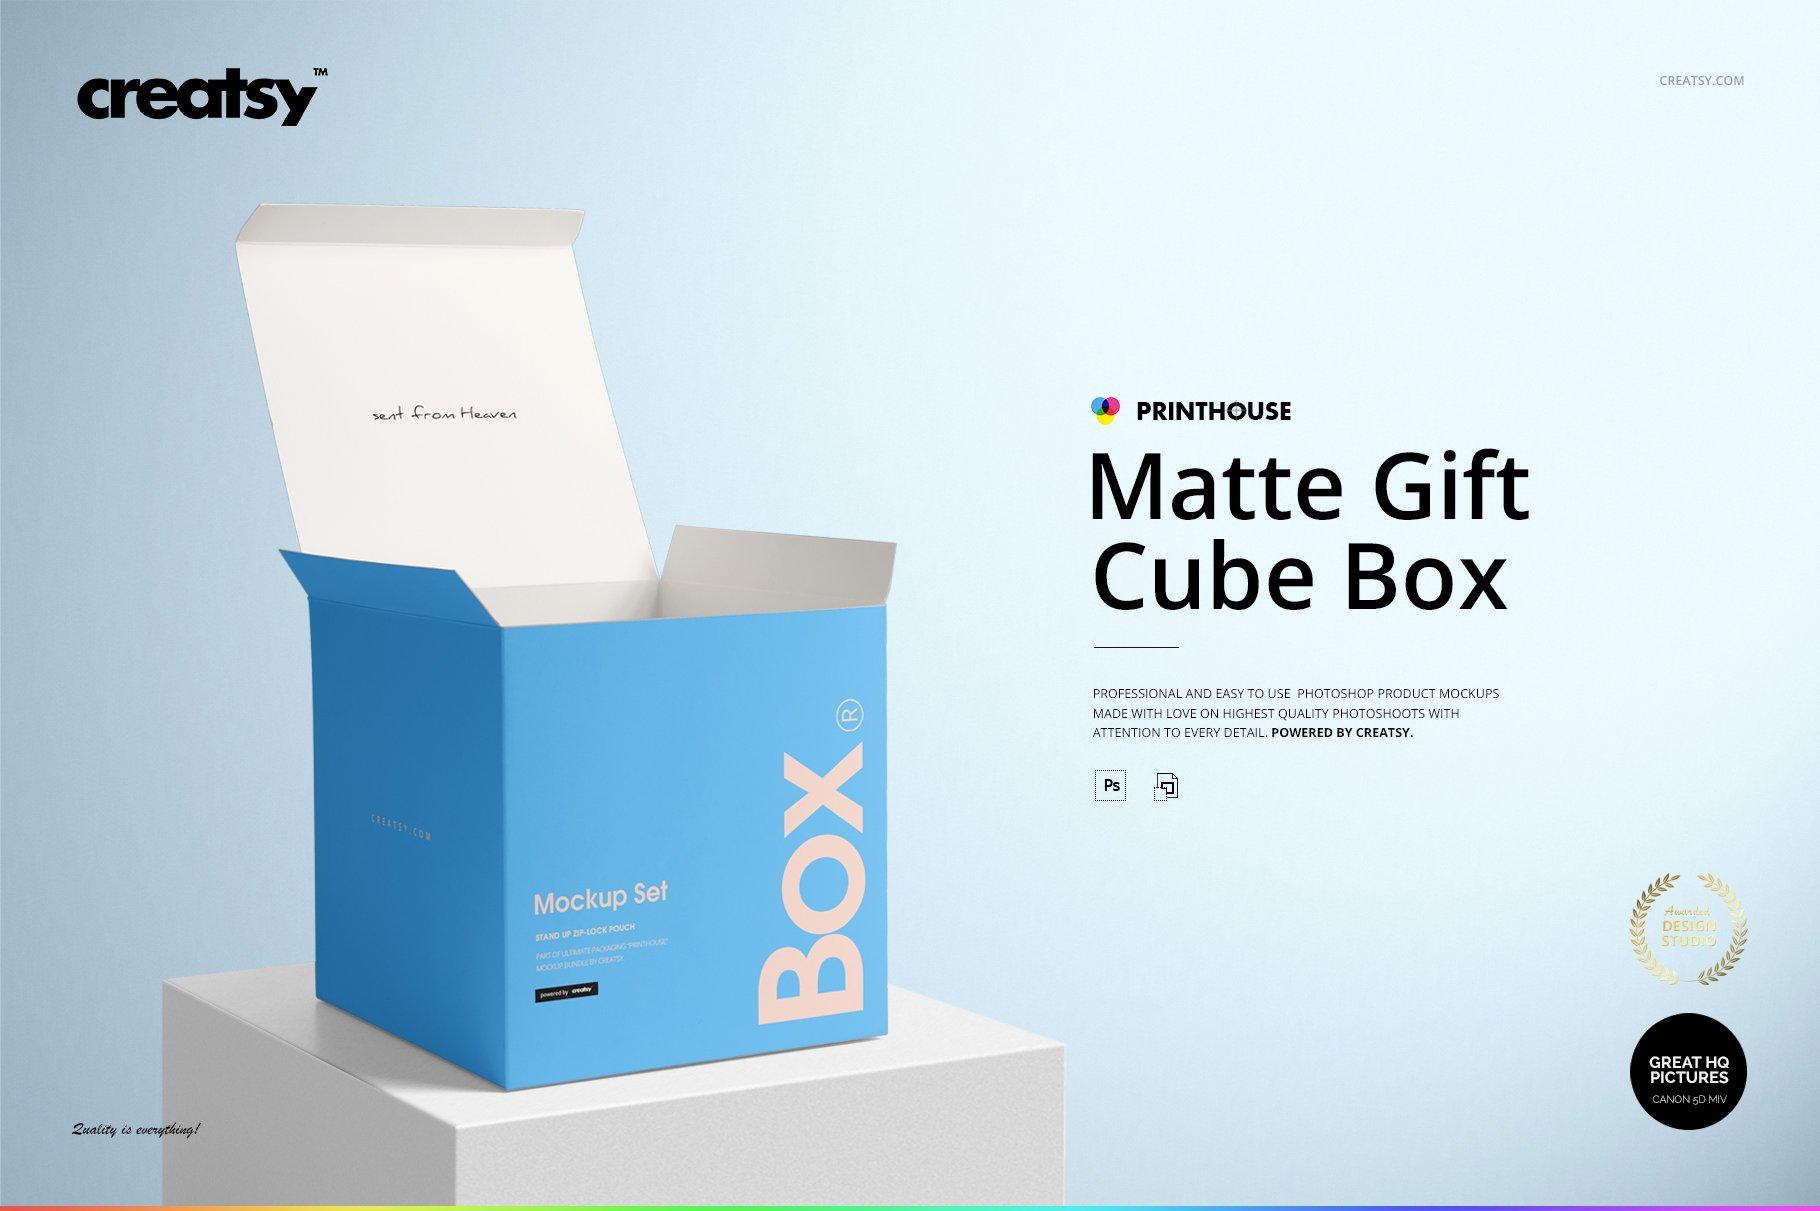 方形哑光产品礼品包装纸盒设计贴图样机套装 Matte Gift Square Box Mockup Set插图